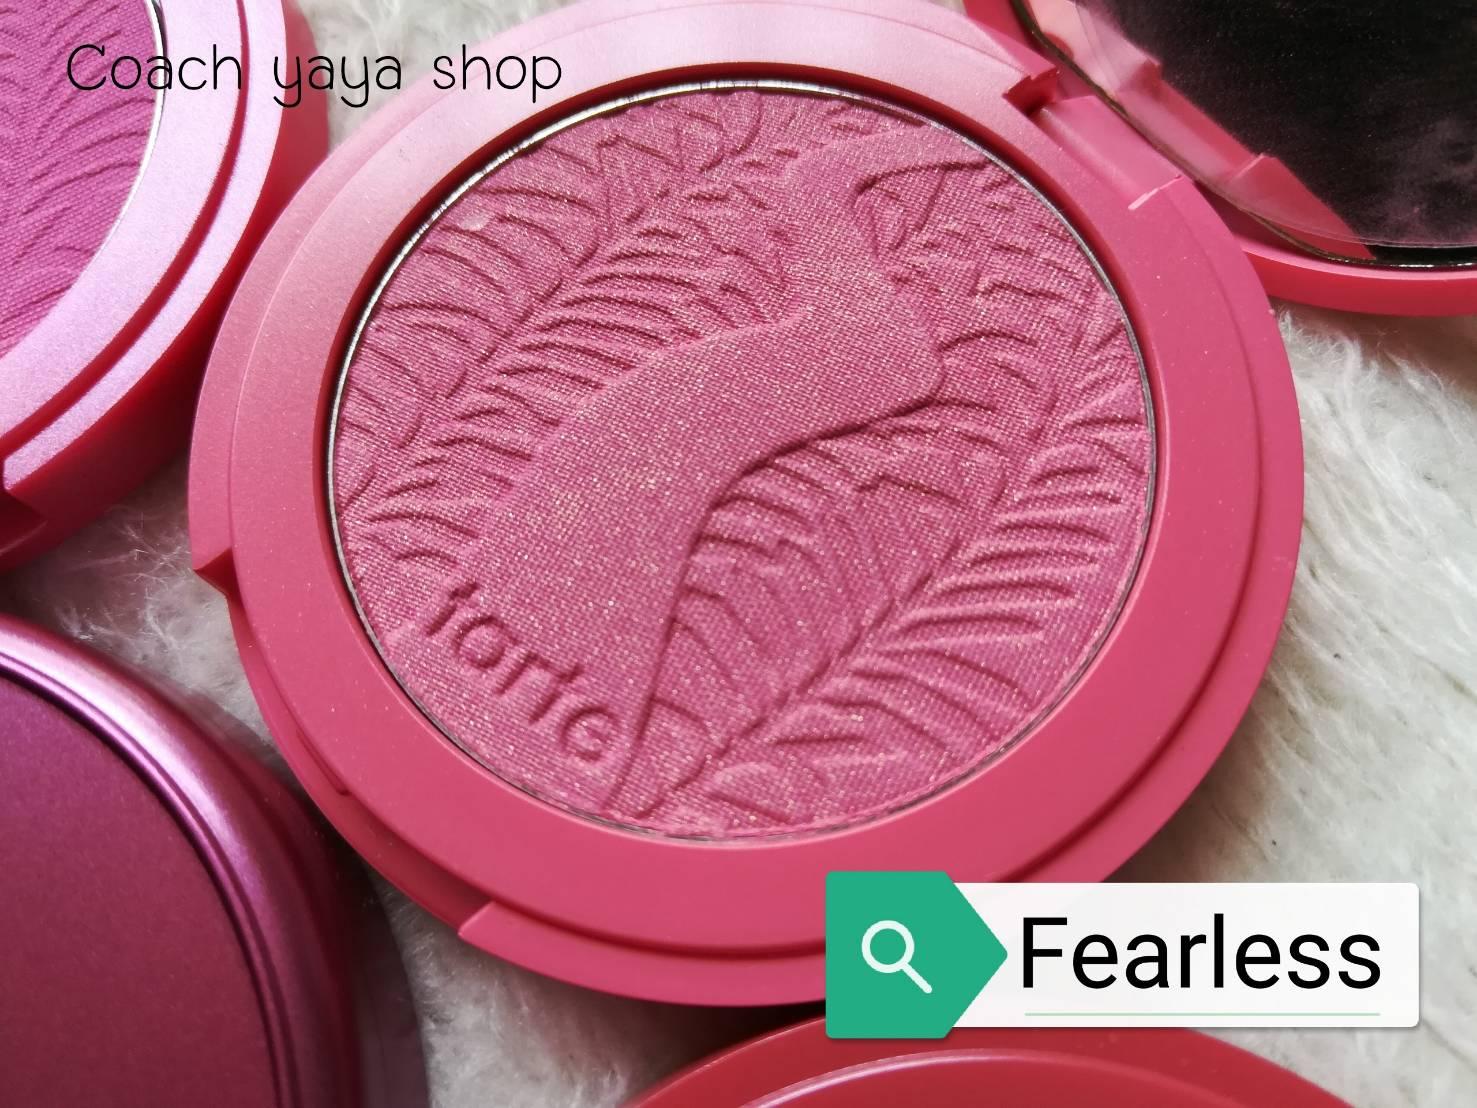 **พร้อมส่งค่ะ +ลด 50%** Tarte Amazonian Clay 12-hour blush Fearless ( สี Fearless )